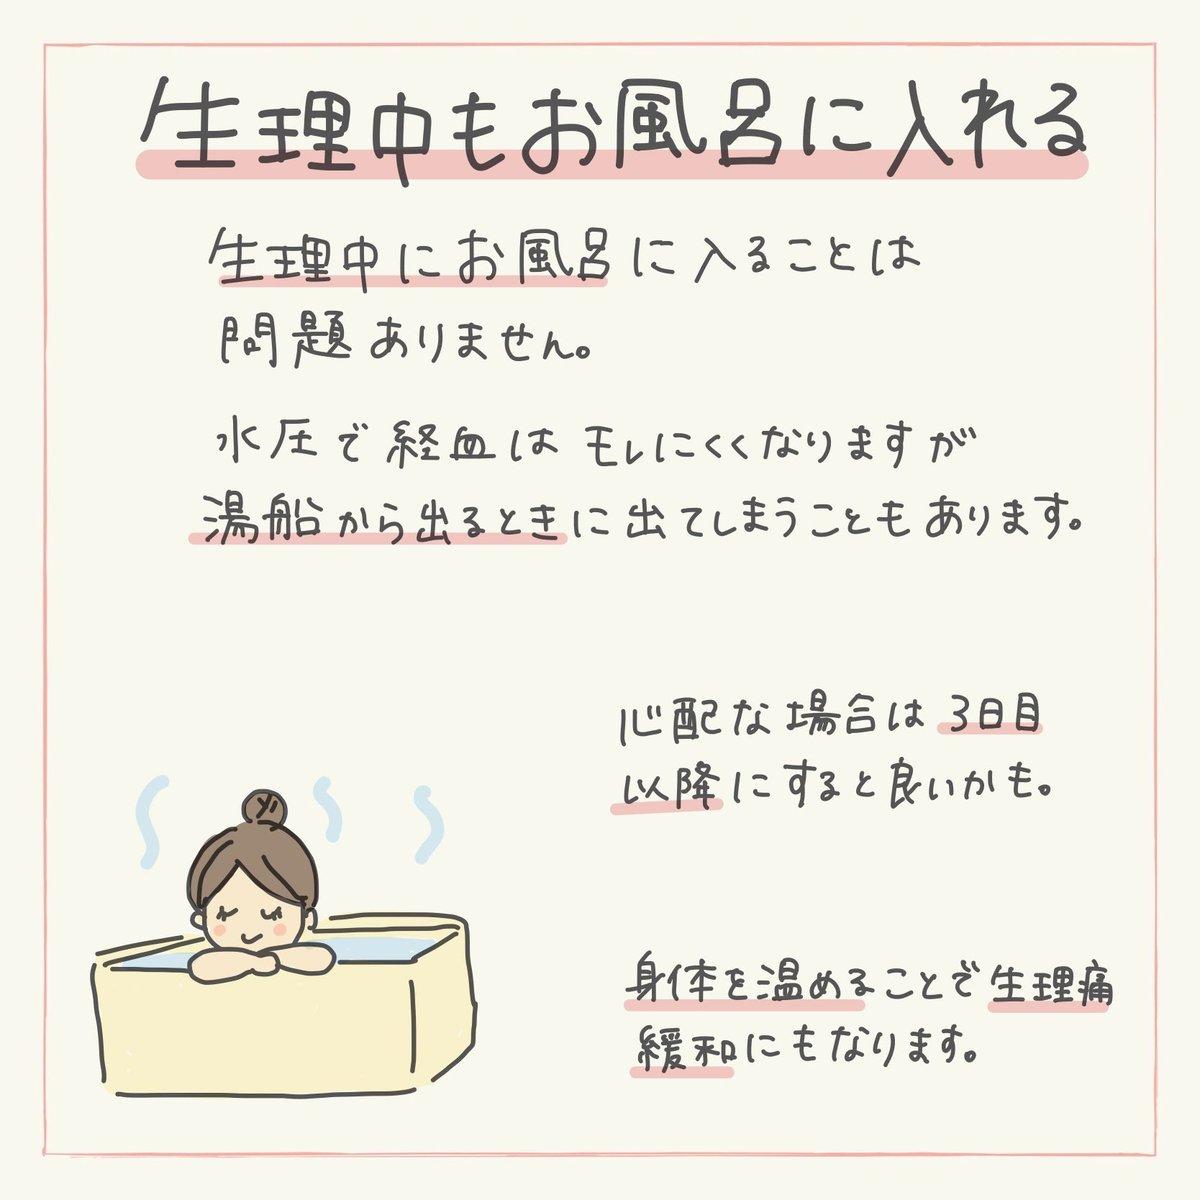 風呂 お 入り 中 方 生理 生理中はお風呂に入っていい?安全な湯船の浸かり方